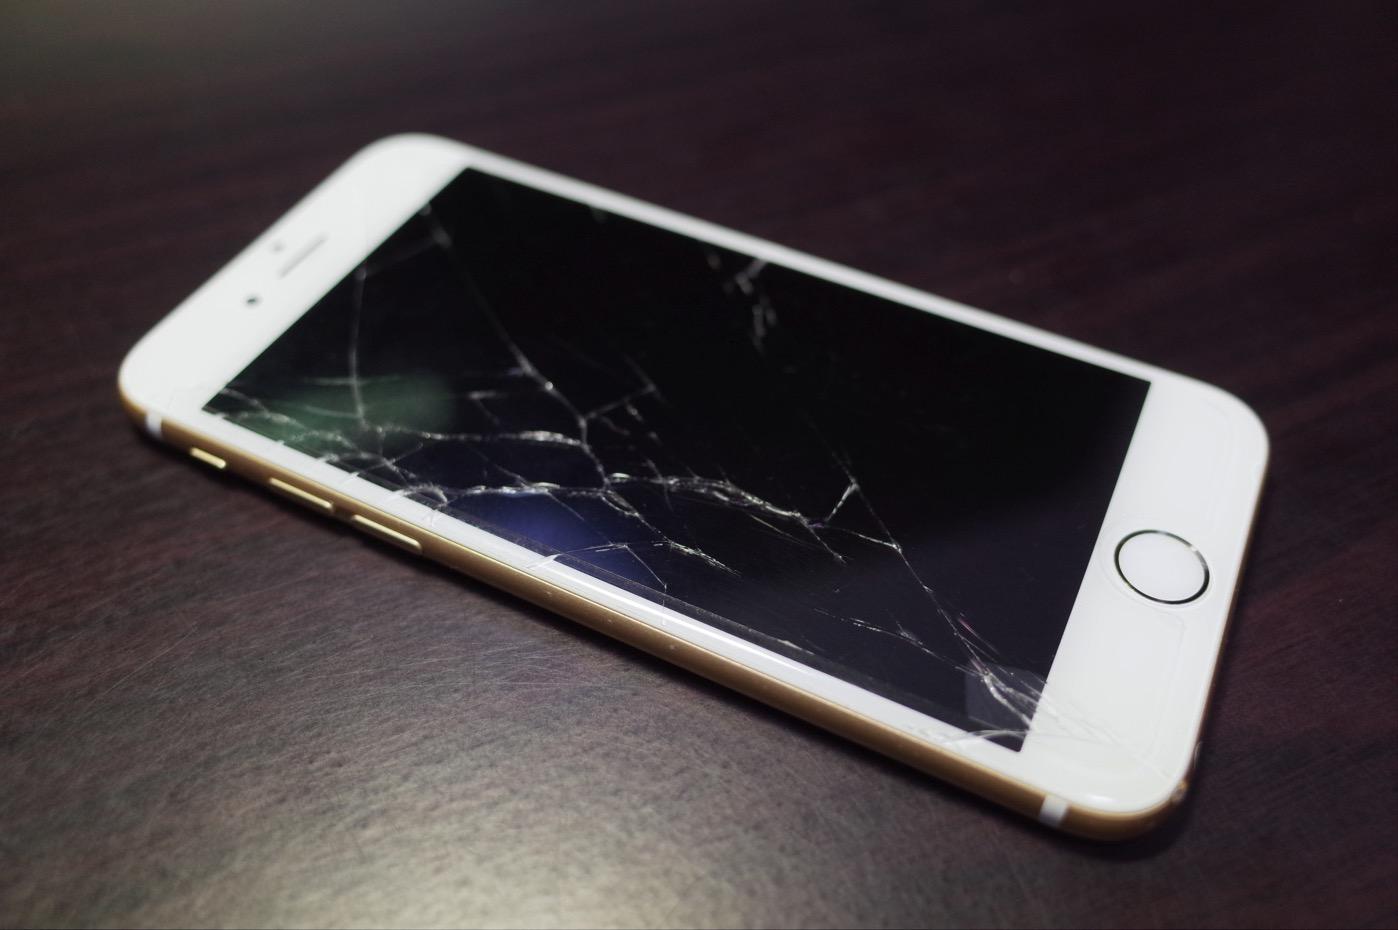 [iPhone]やってしまった!iPhone 6がこんな状態に